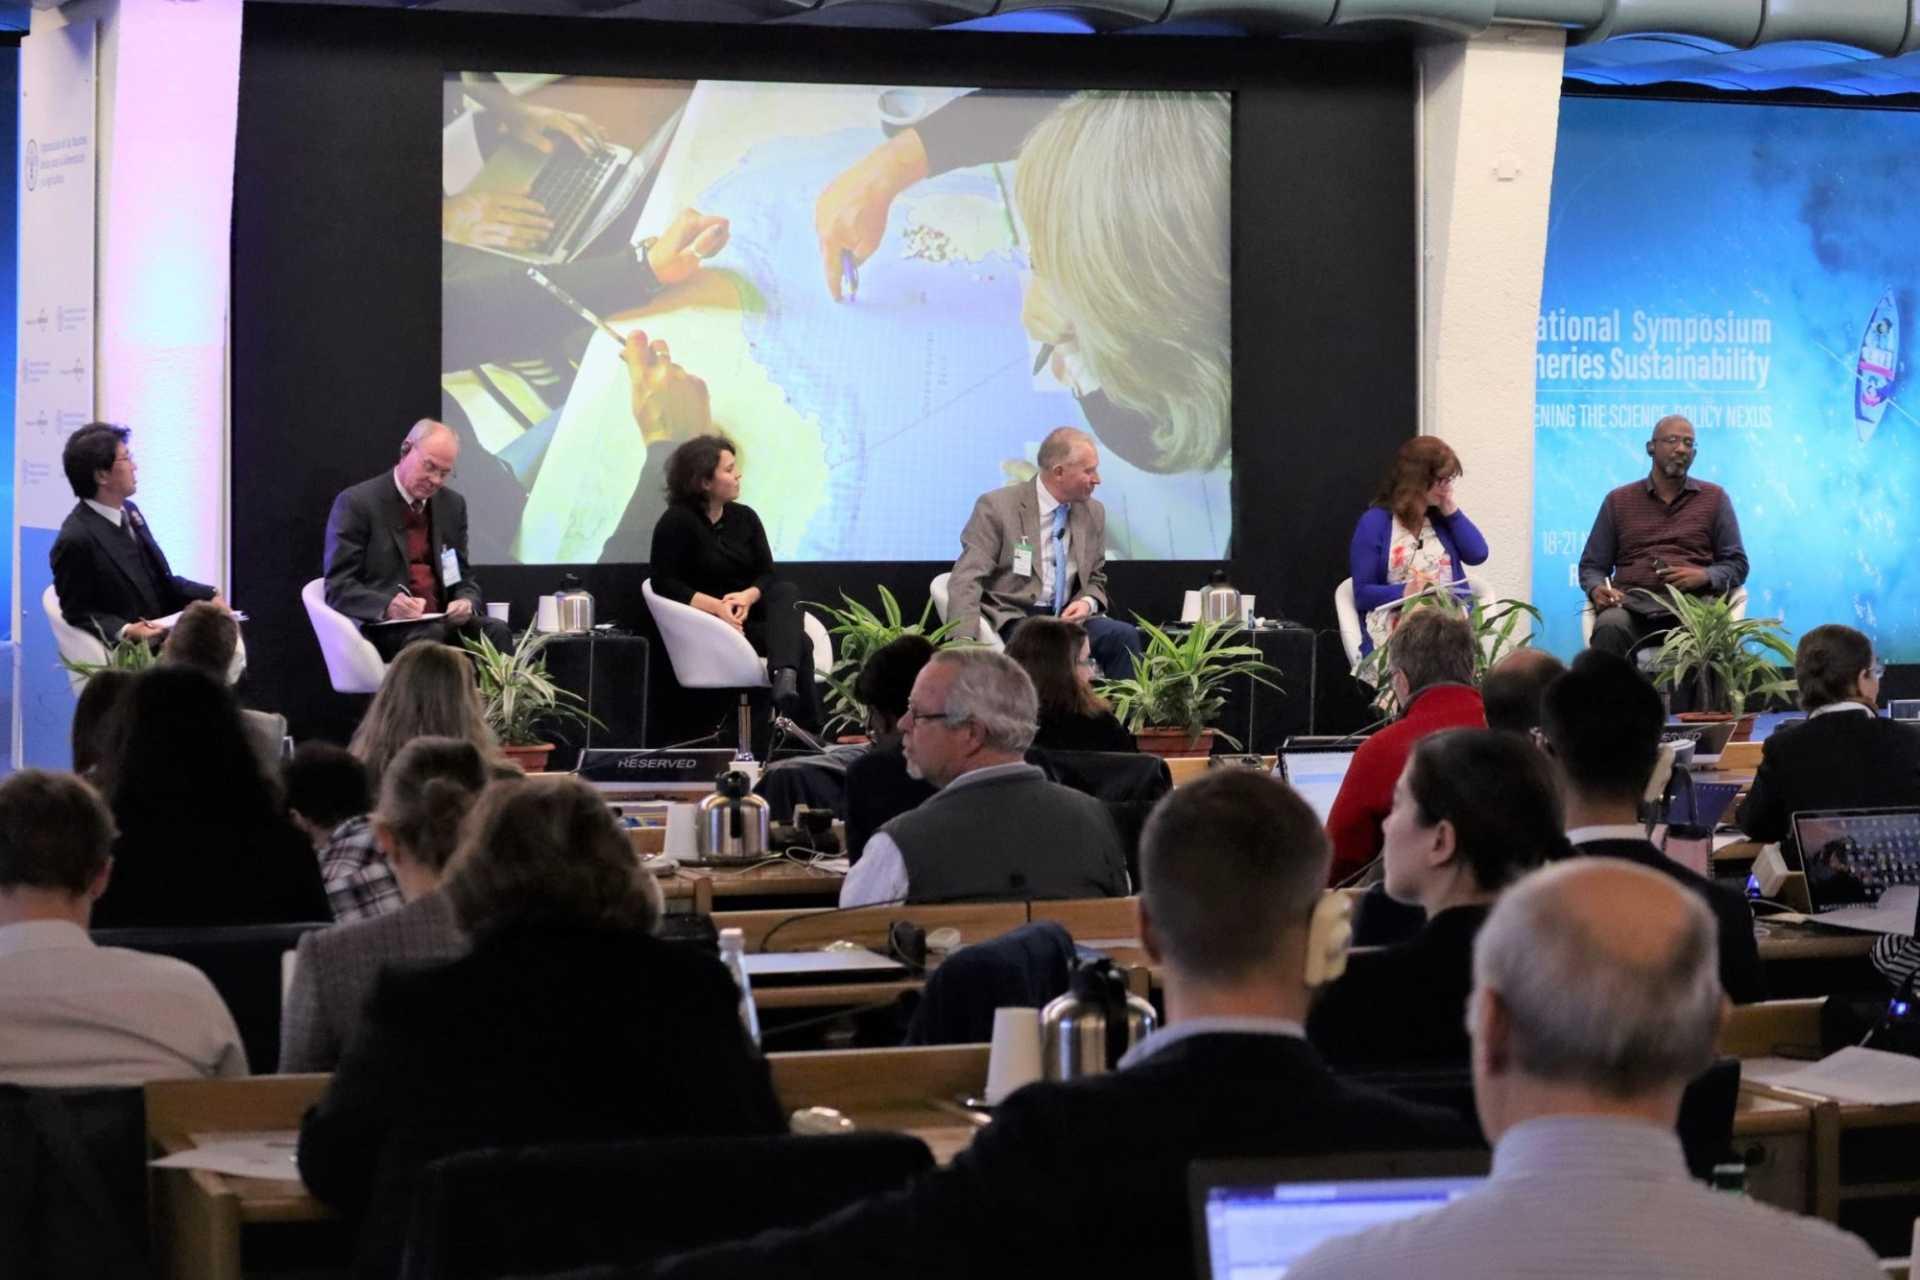 (代)「21世紀を見据えた漁業管理に関する政策の可能性」セッションの様子